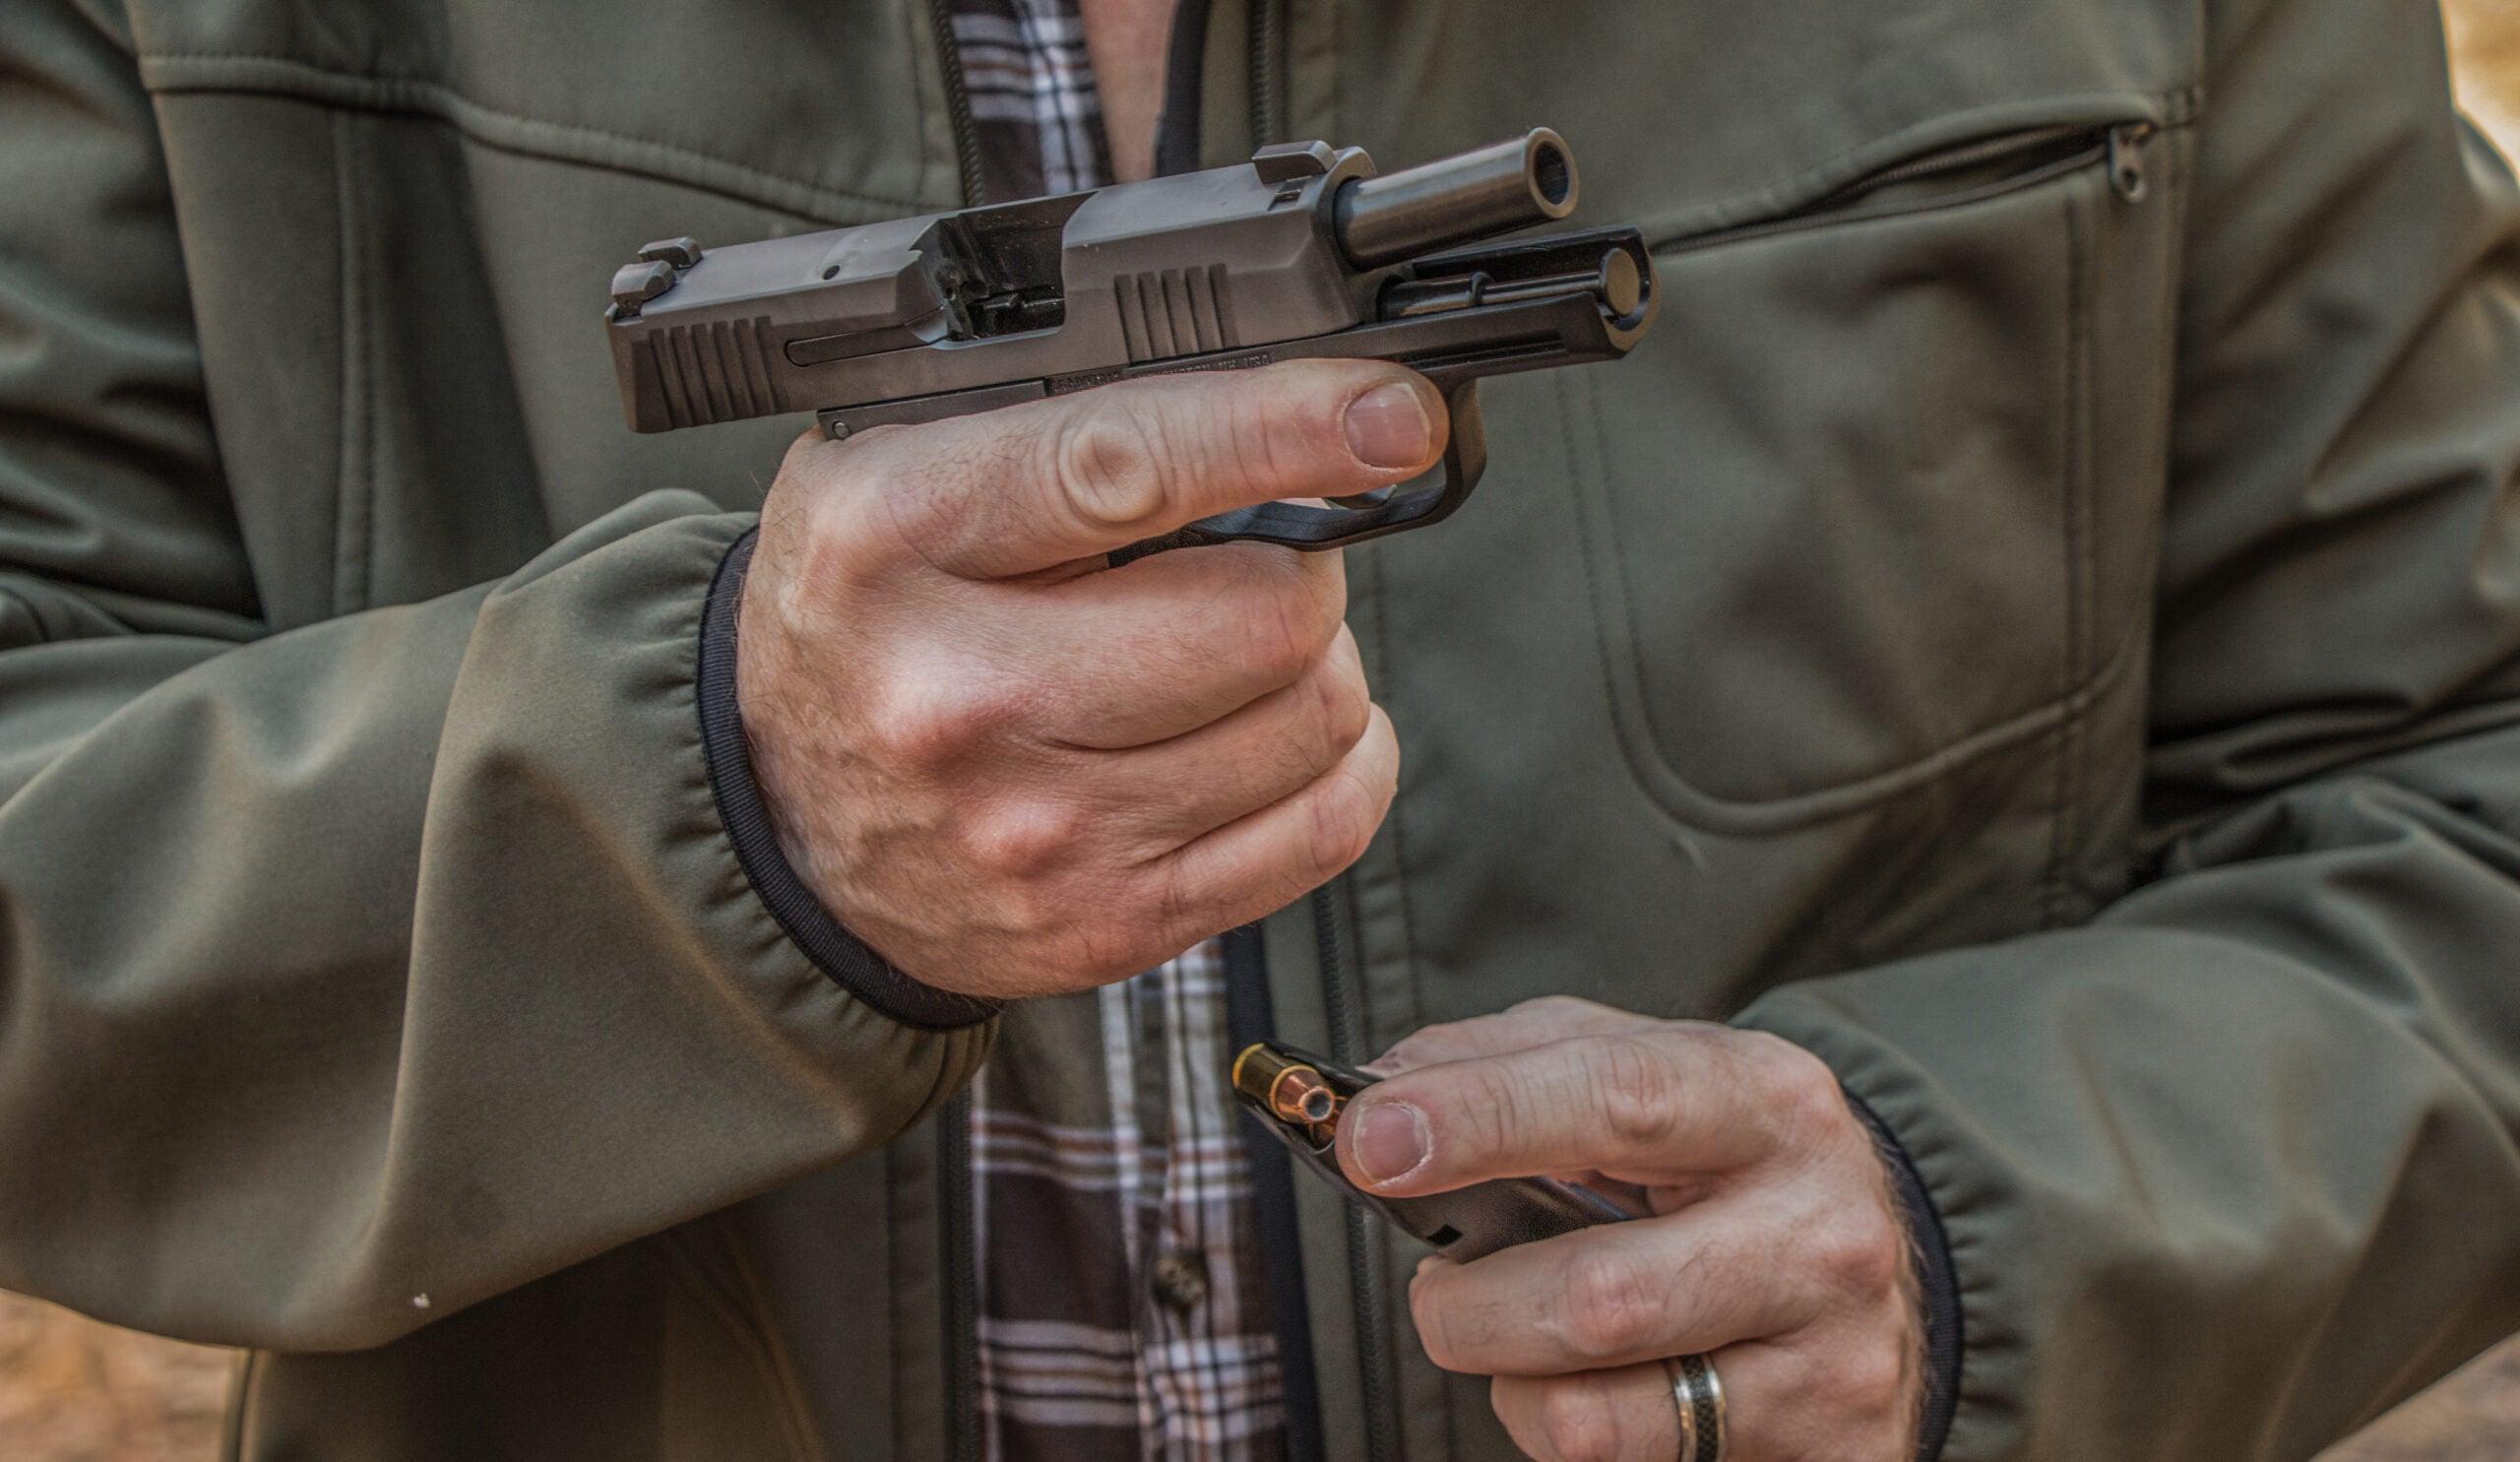 Richard Mann with handgun